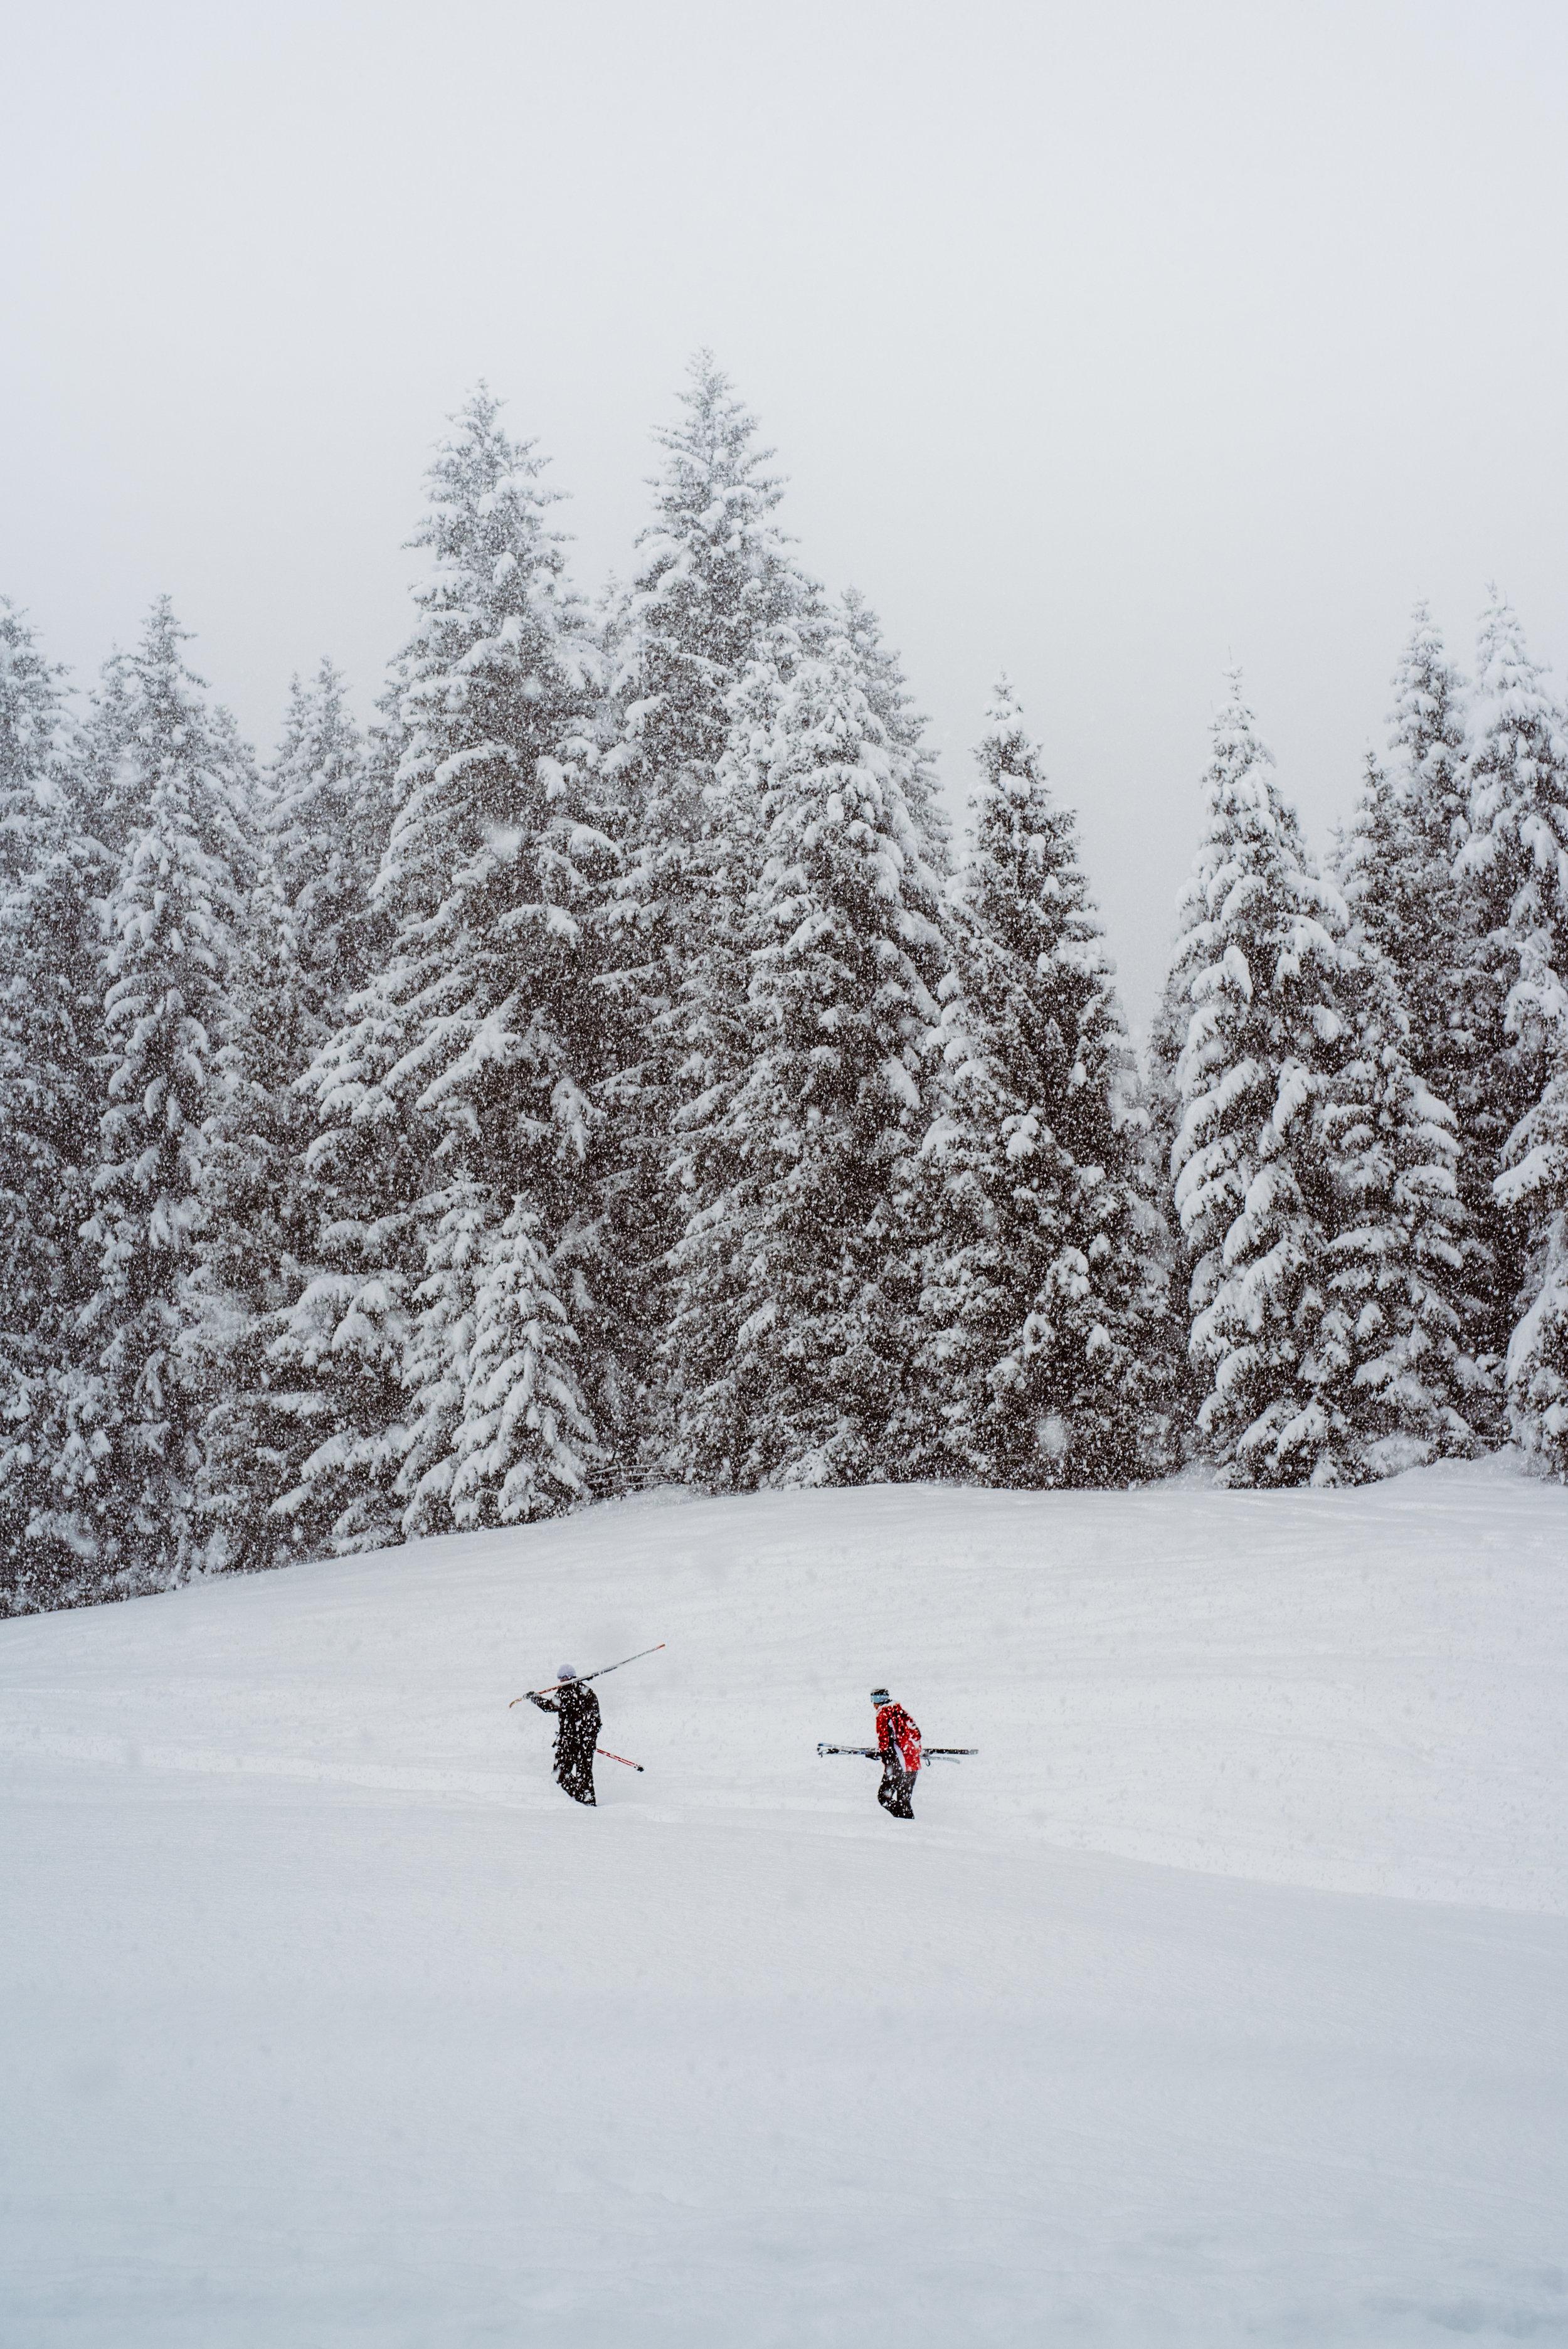 2018-01-04-snowstorm-Tanya-Hochmoor-43_LR edited_Offset.jpg